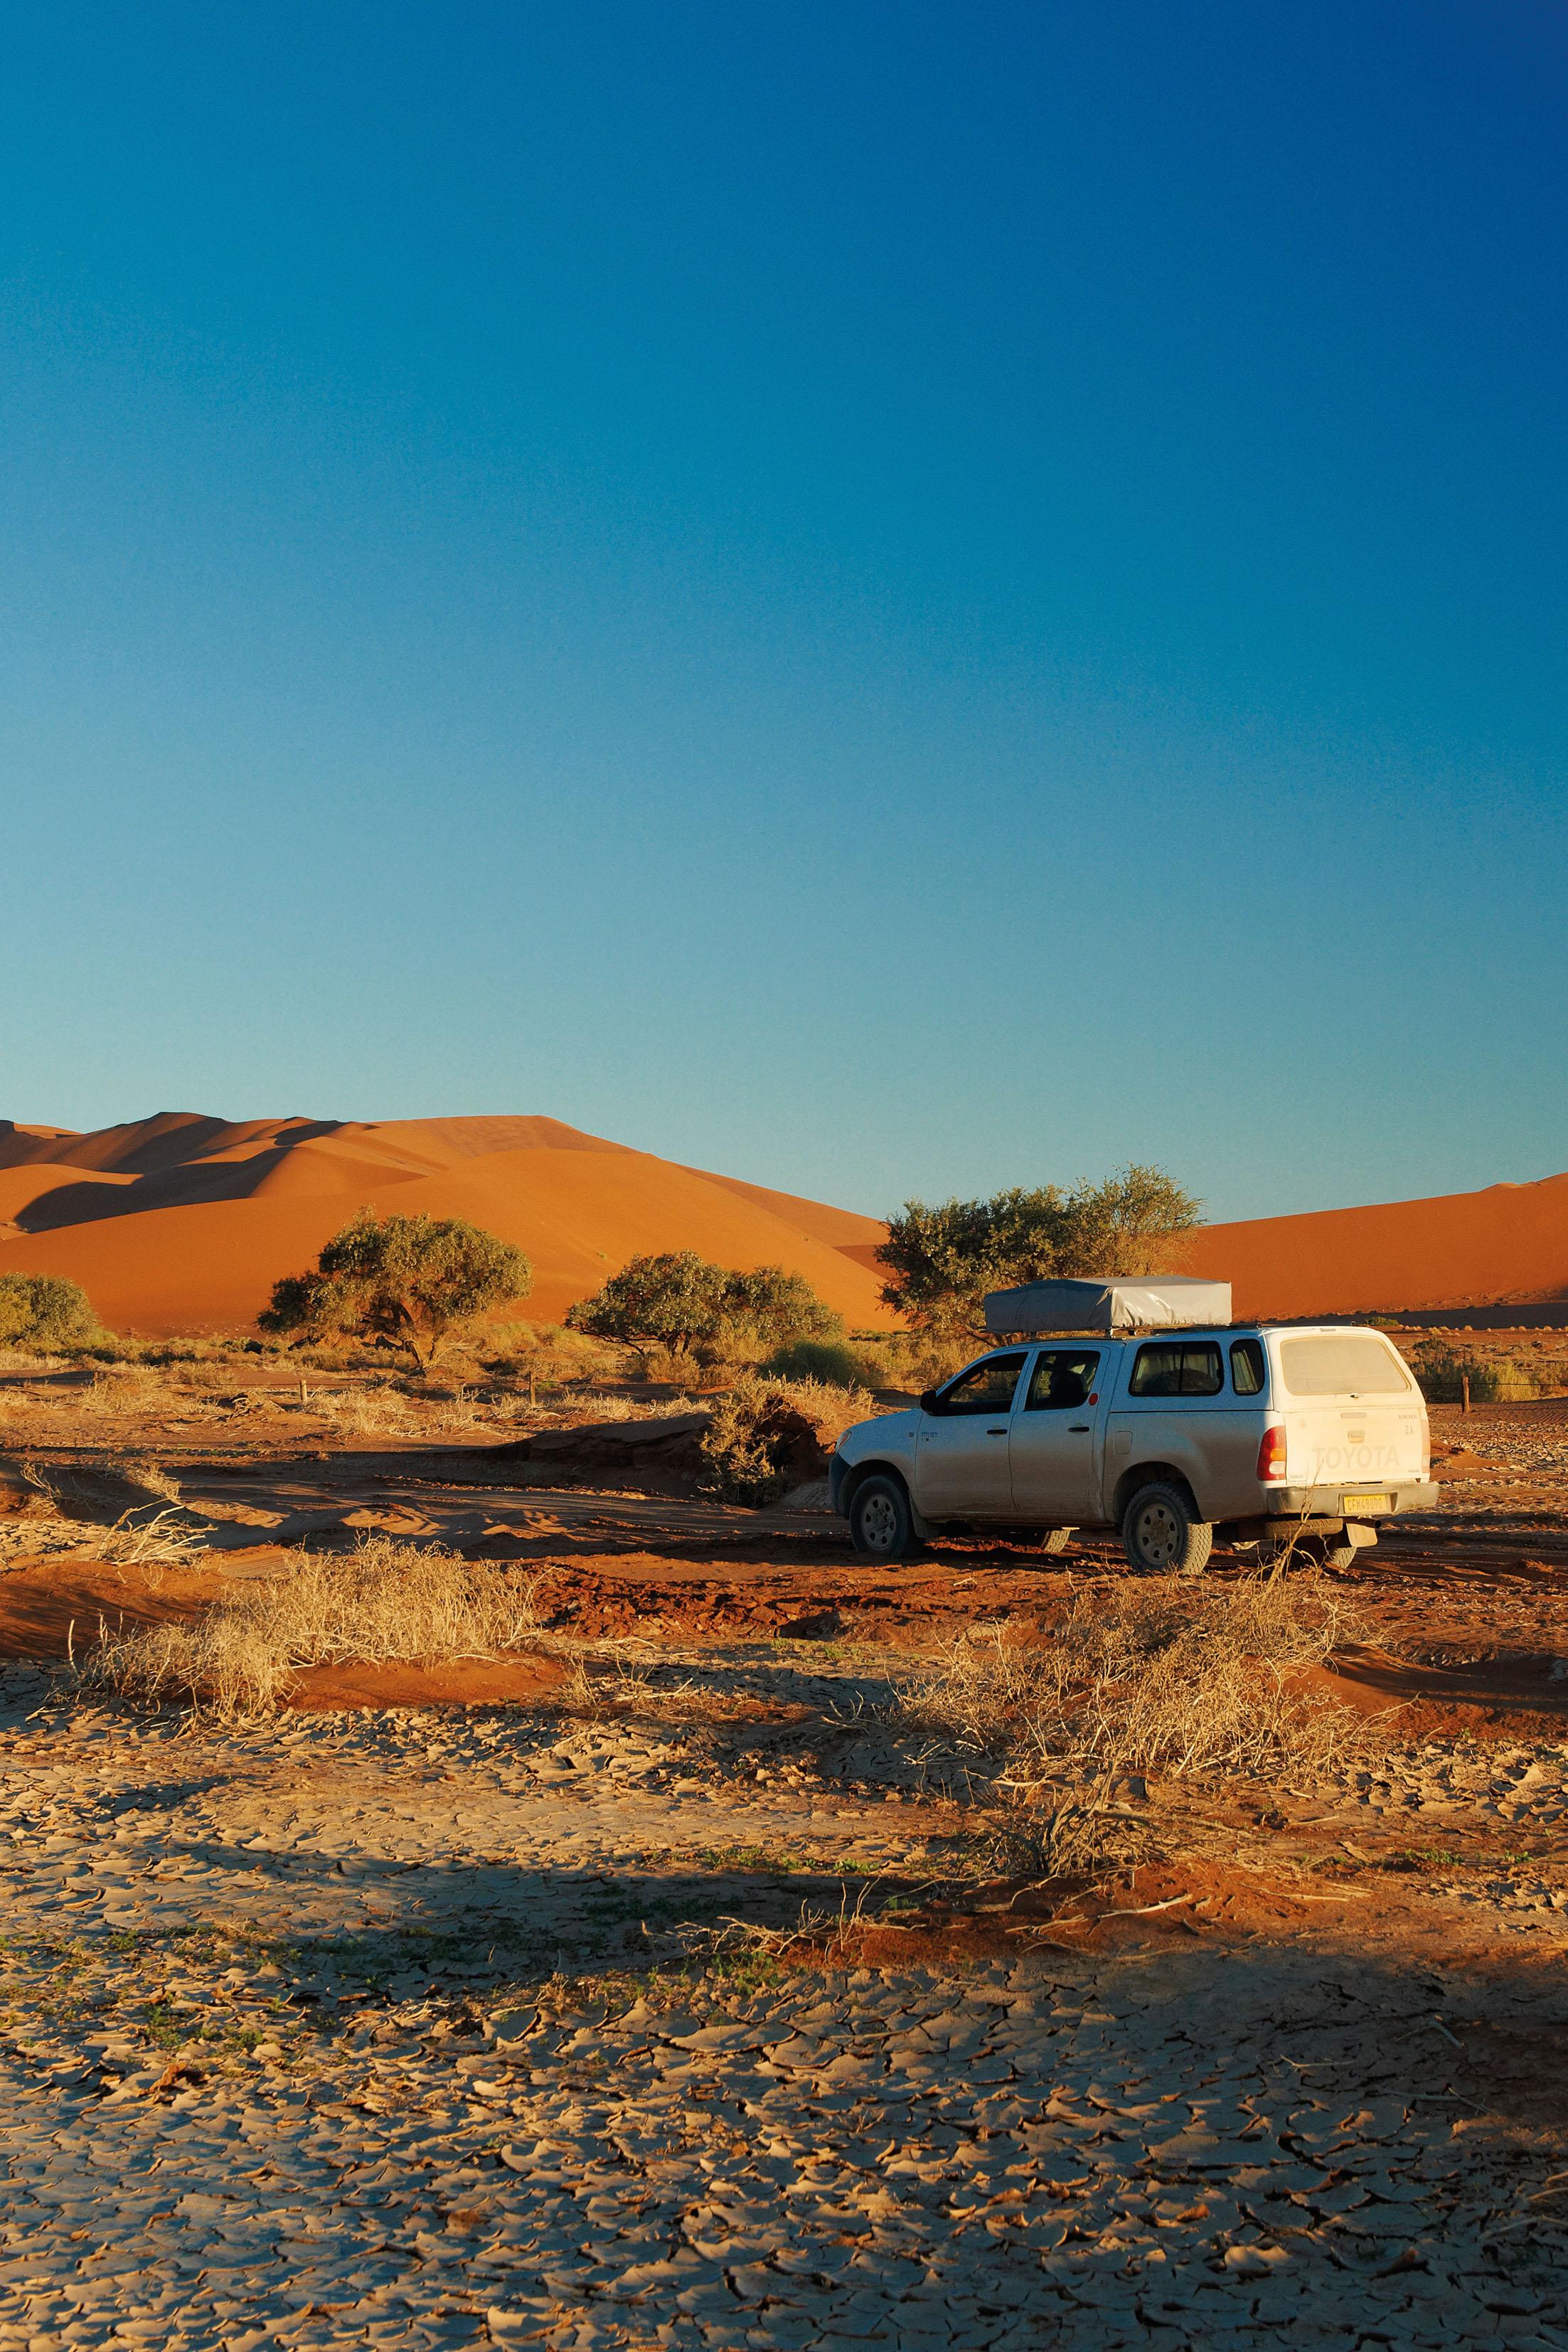 Namibia fasziniert durch seine spektakulären Wüsten und die wildreichen Gebiete ebenso wie durch sein buntes Völkergemisch und seine koloniale Vorgeschichte.